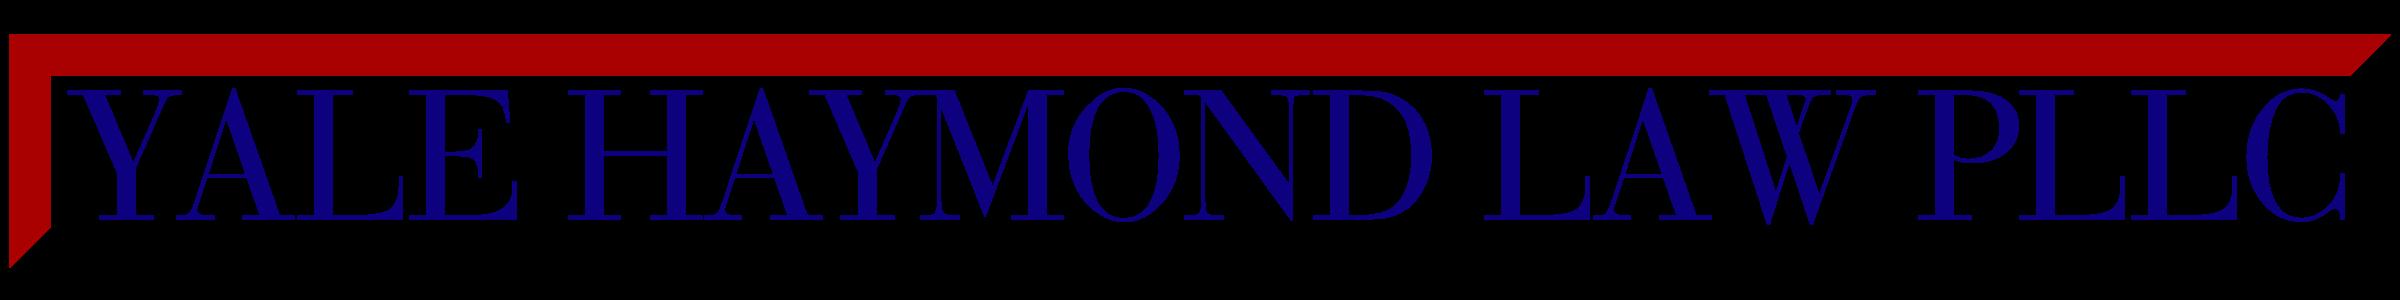 Yale Haymond Law PLLC Logo